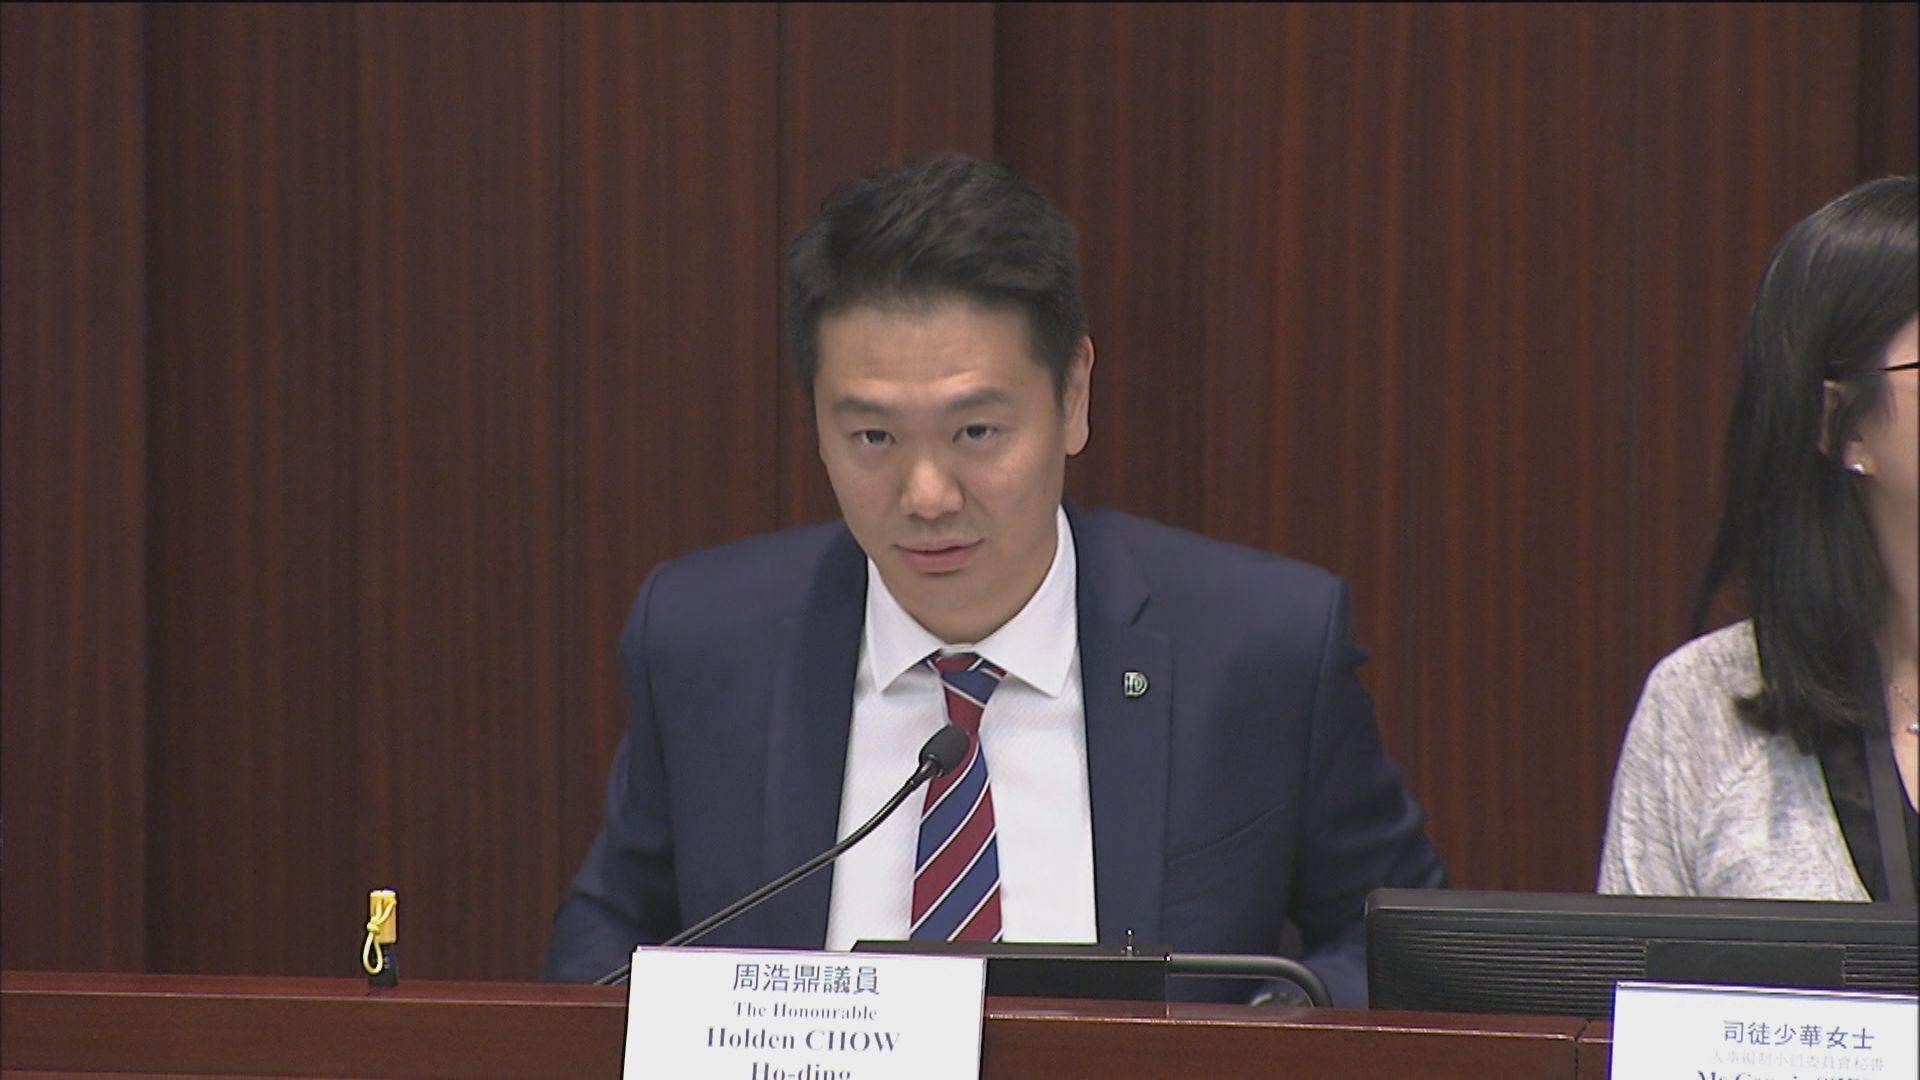 周浩鼎陳志全任人事編制委員會正副主席